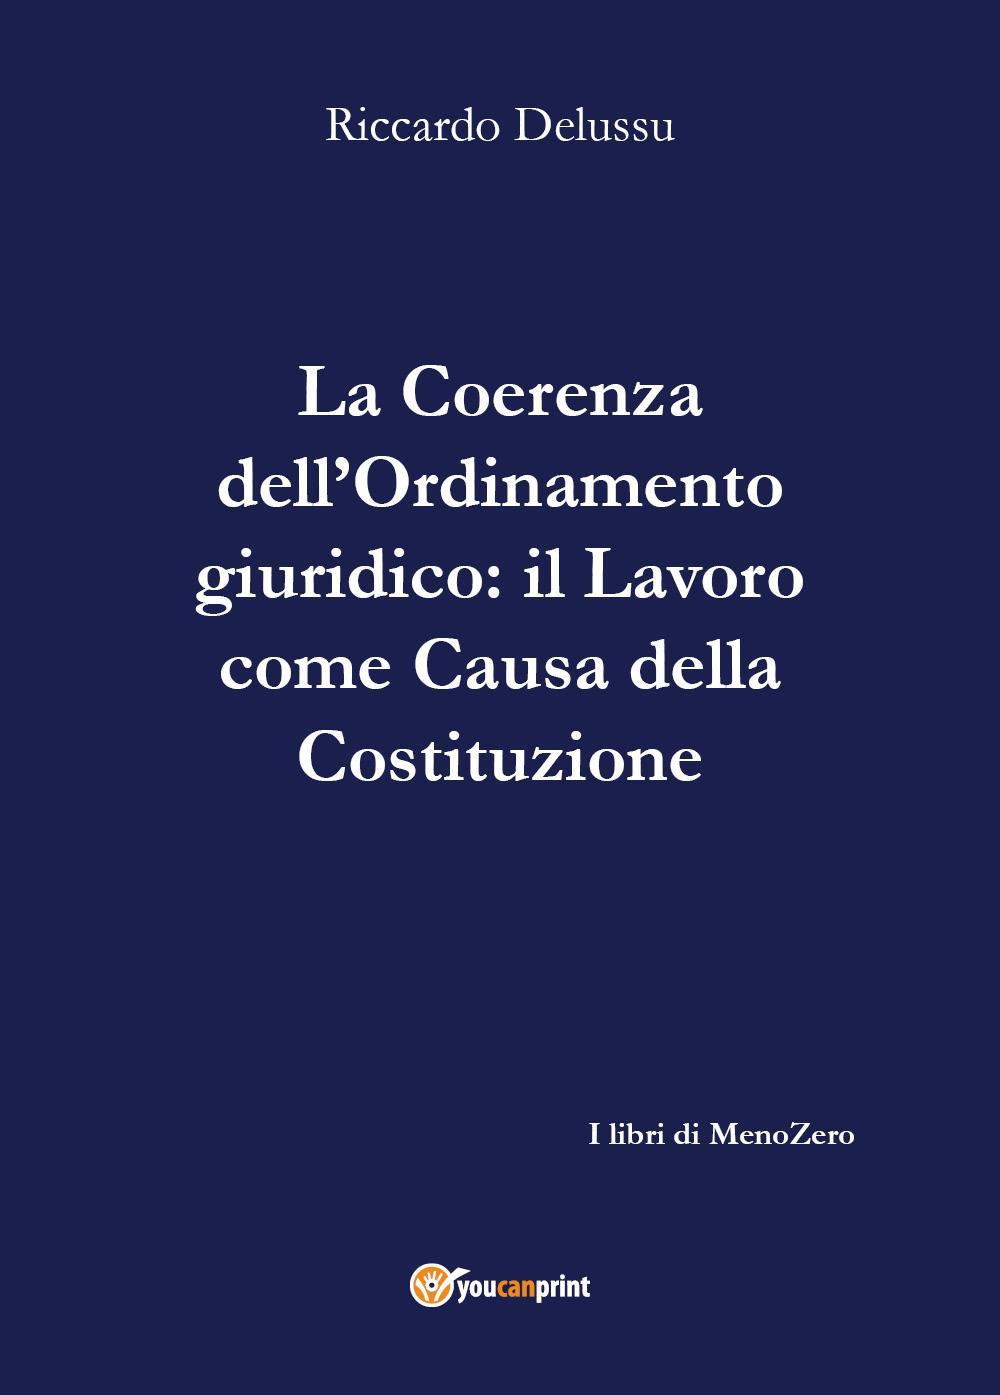 """La coerenza dell'Ordinamento: Il Lavoro come """"causa"""" della Costituzione"""